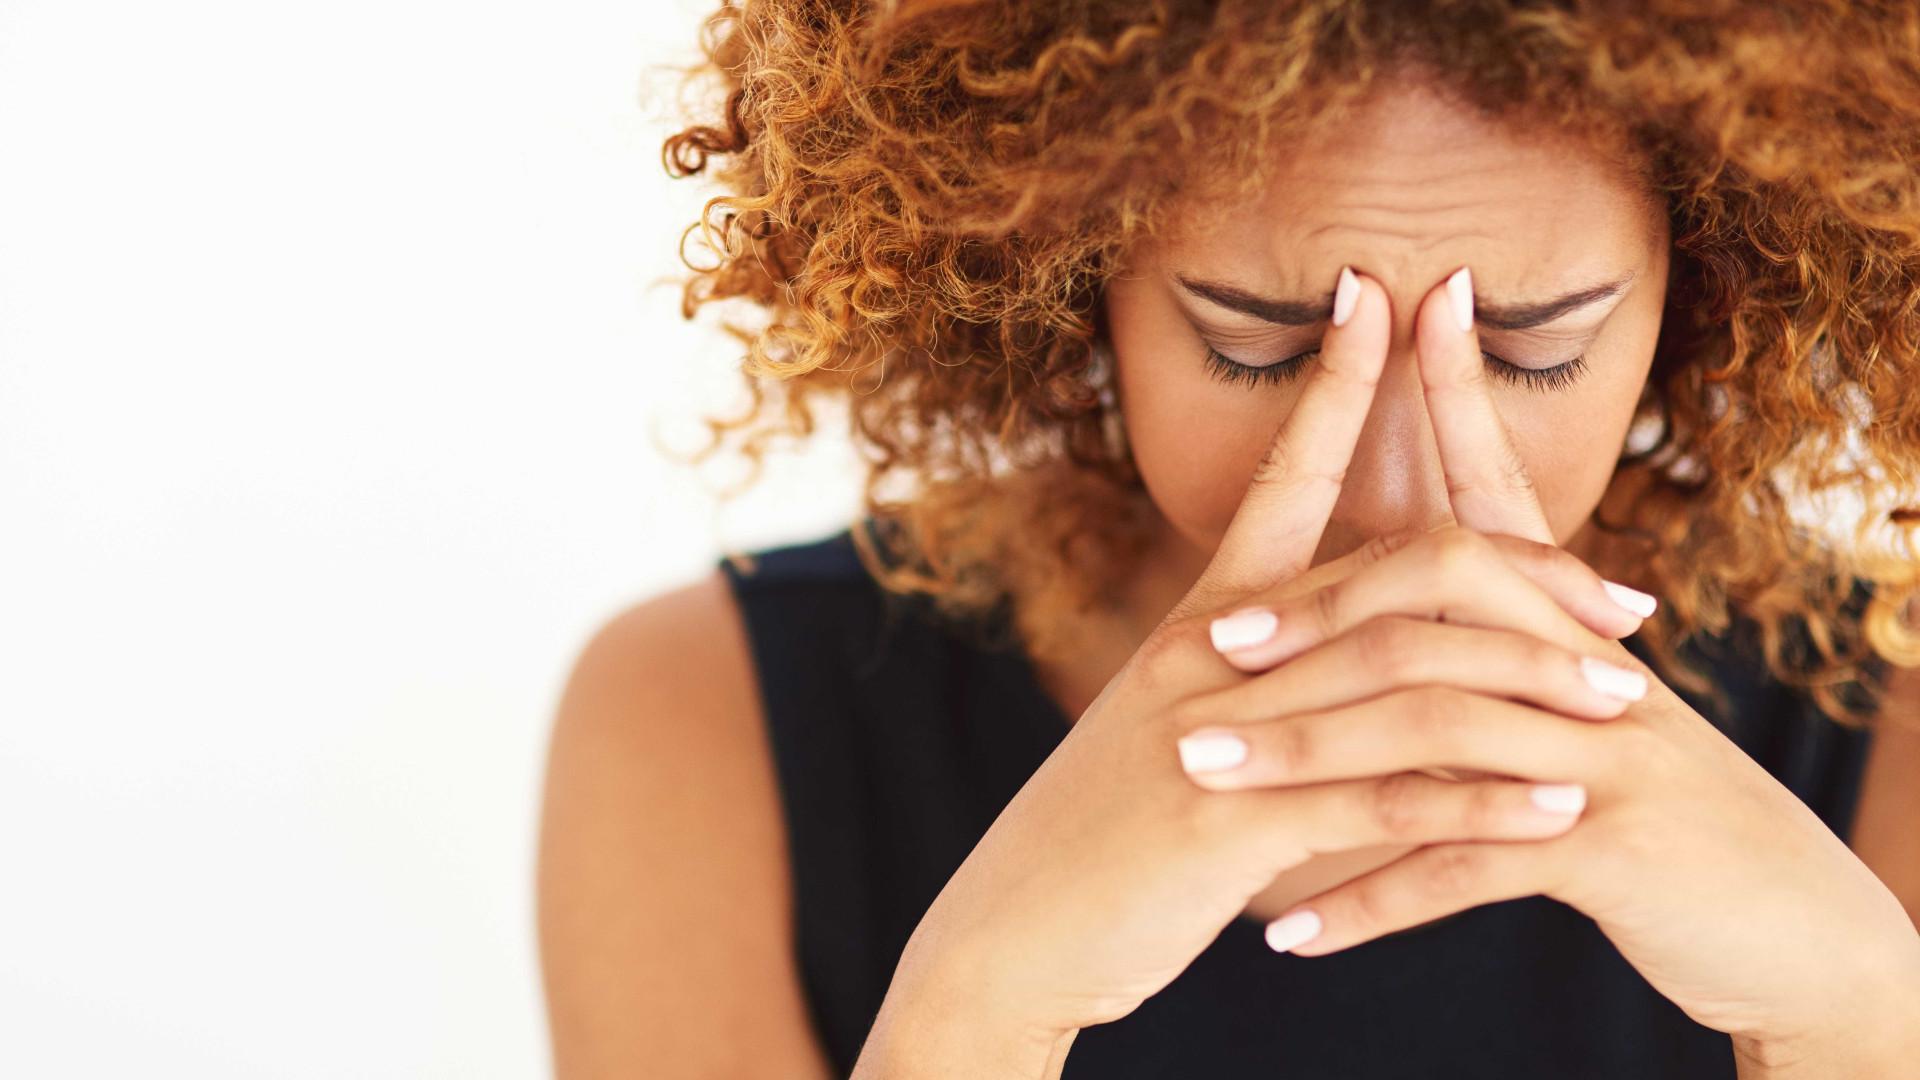 Depressão aumenta riscos de problema cardiovascular